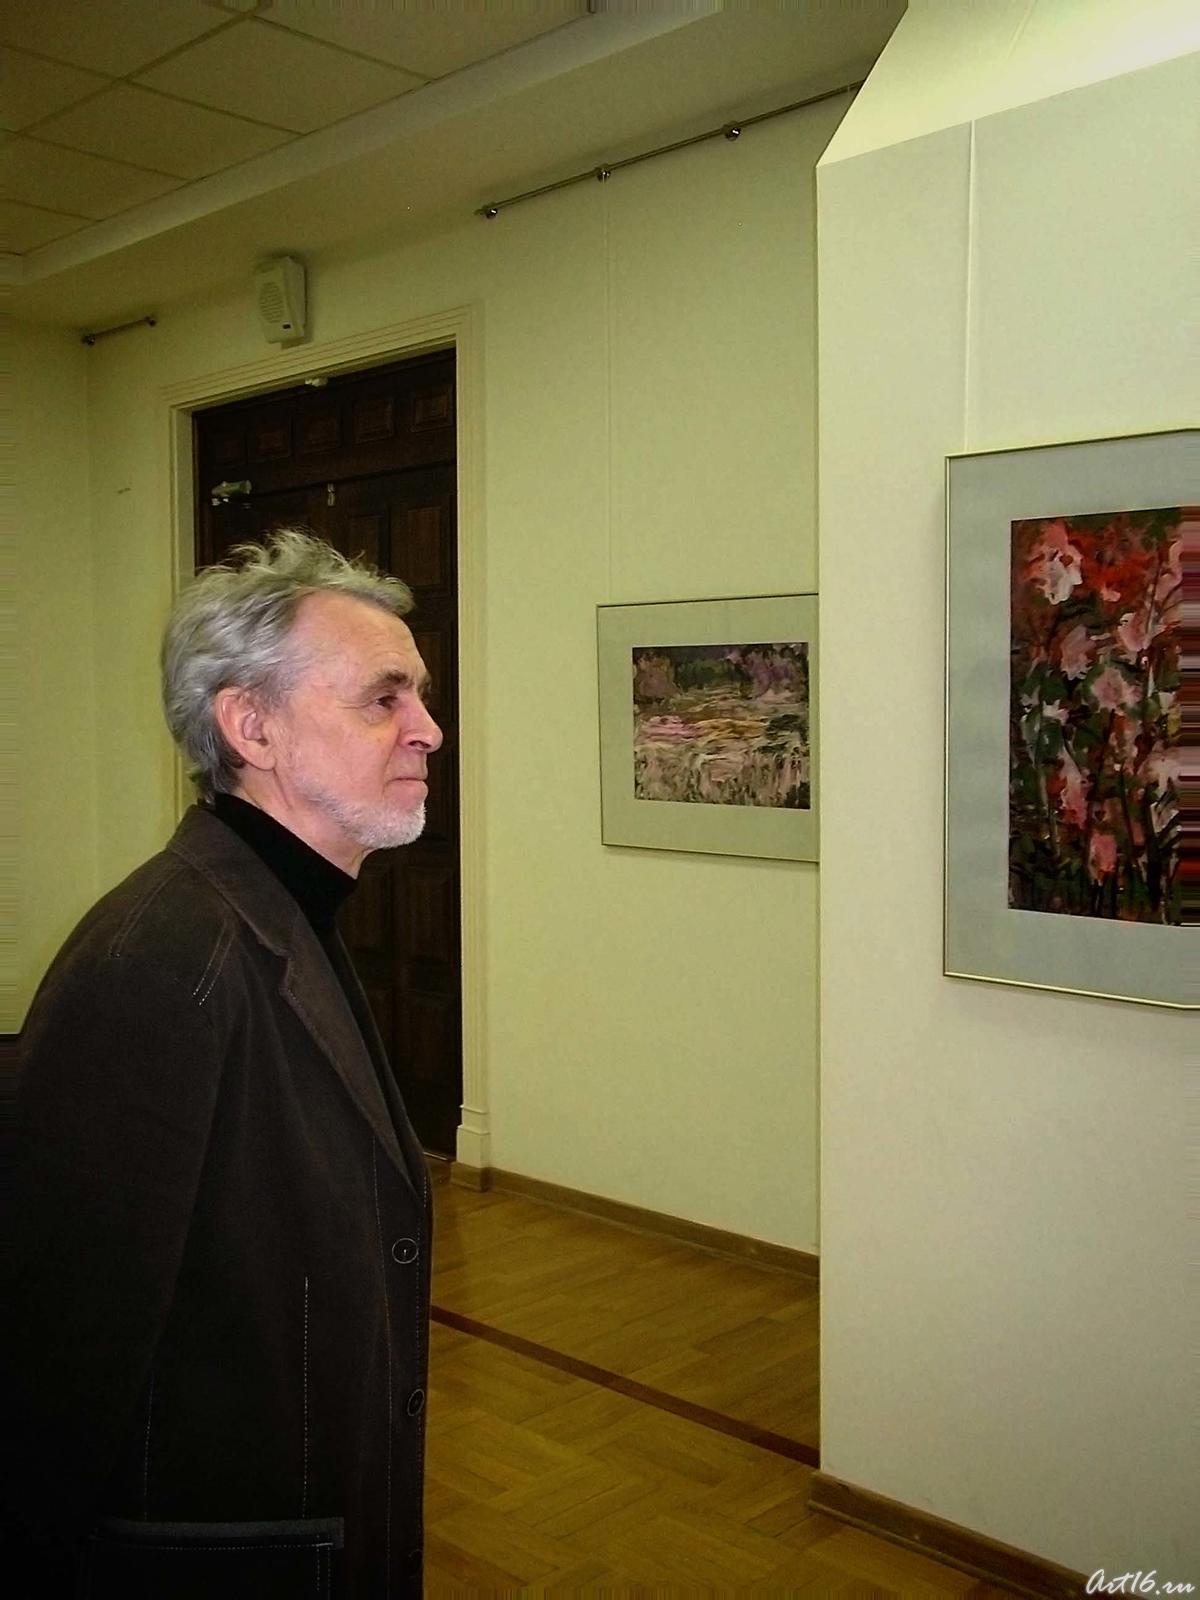 Фото №4150. Фрагмент экспозиции